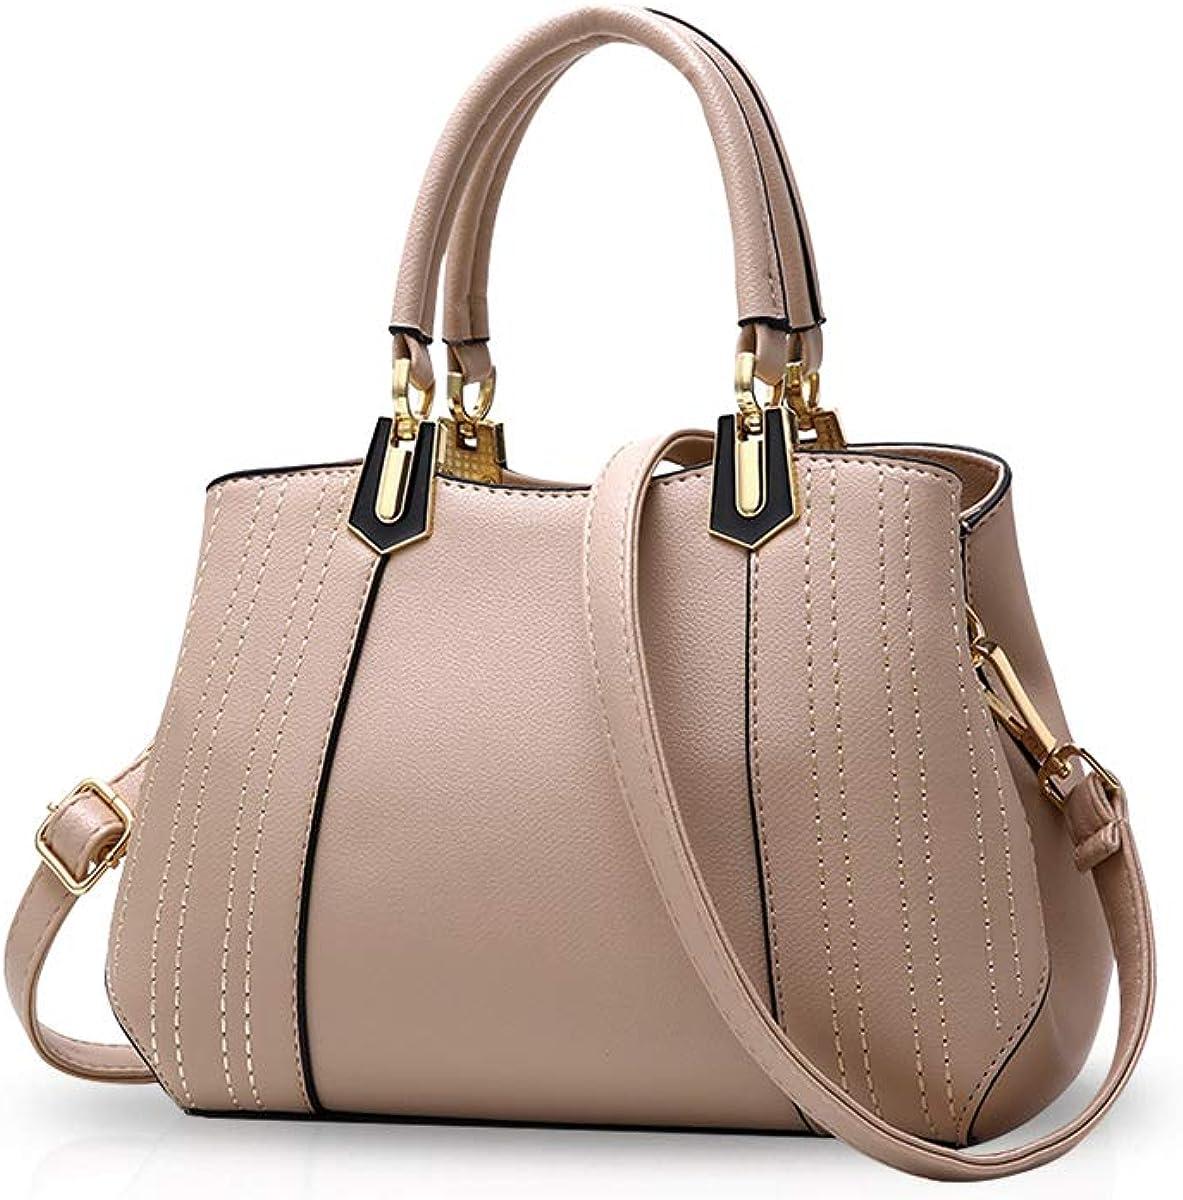 Max 74% OFF NICOLEDORIS Women Lady Max 60% OFF Handbags Shoulder Bag Tote Crossbody